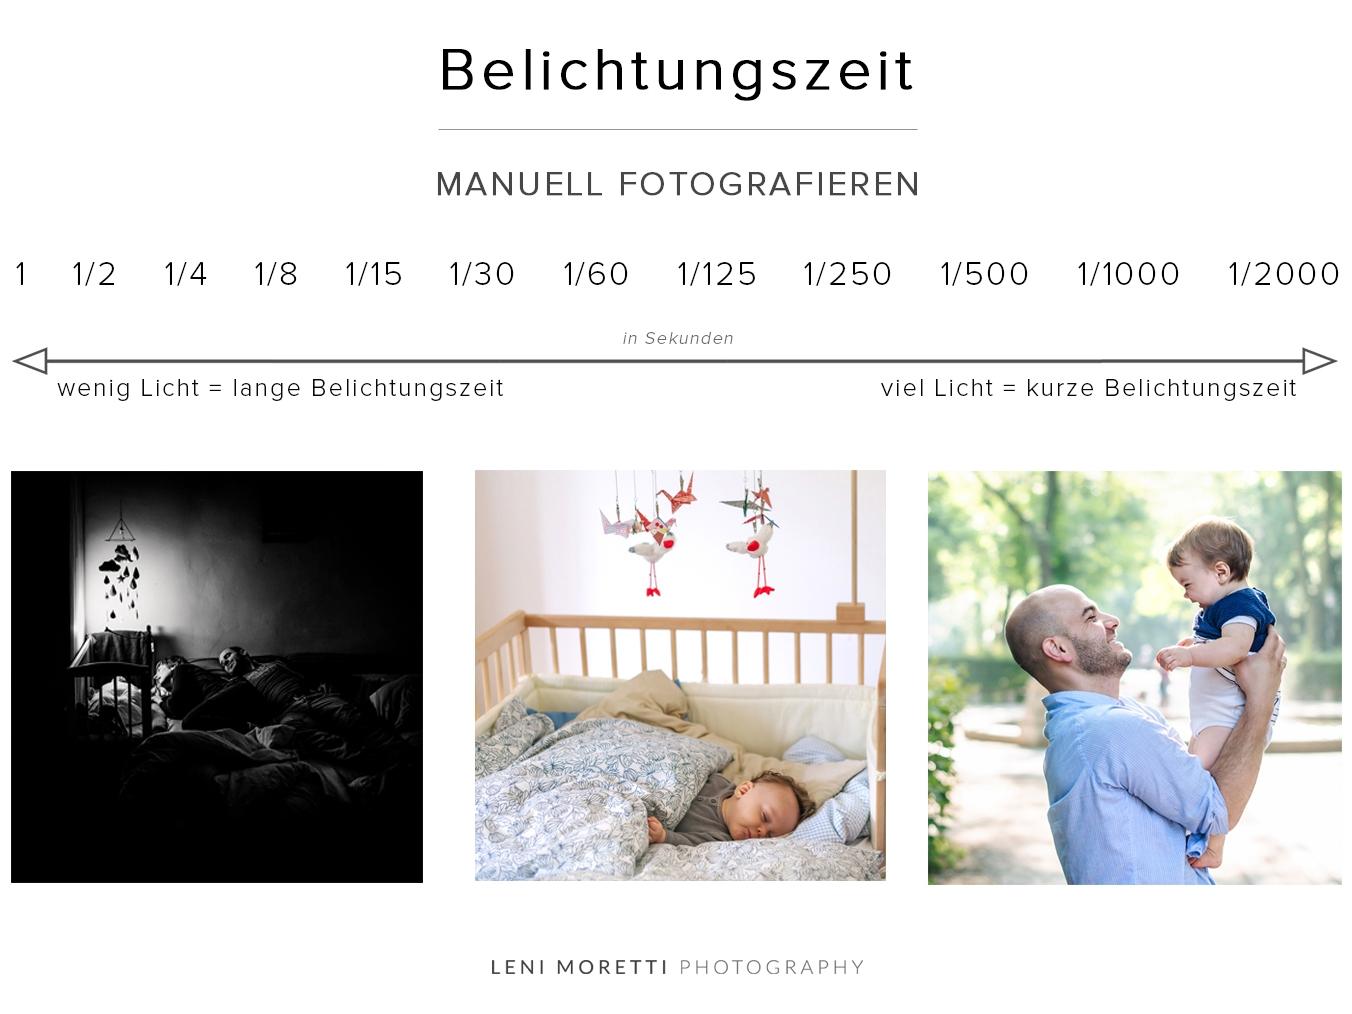 foto-tipps-belichtungszeit